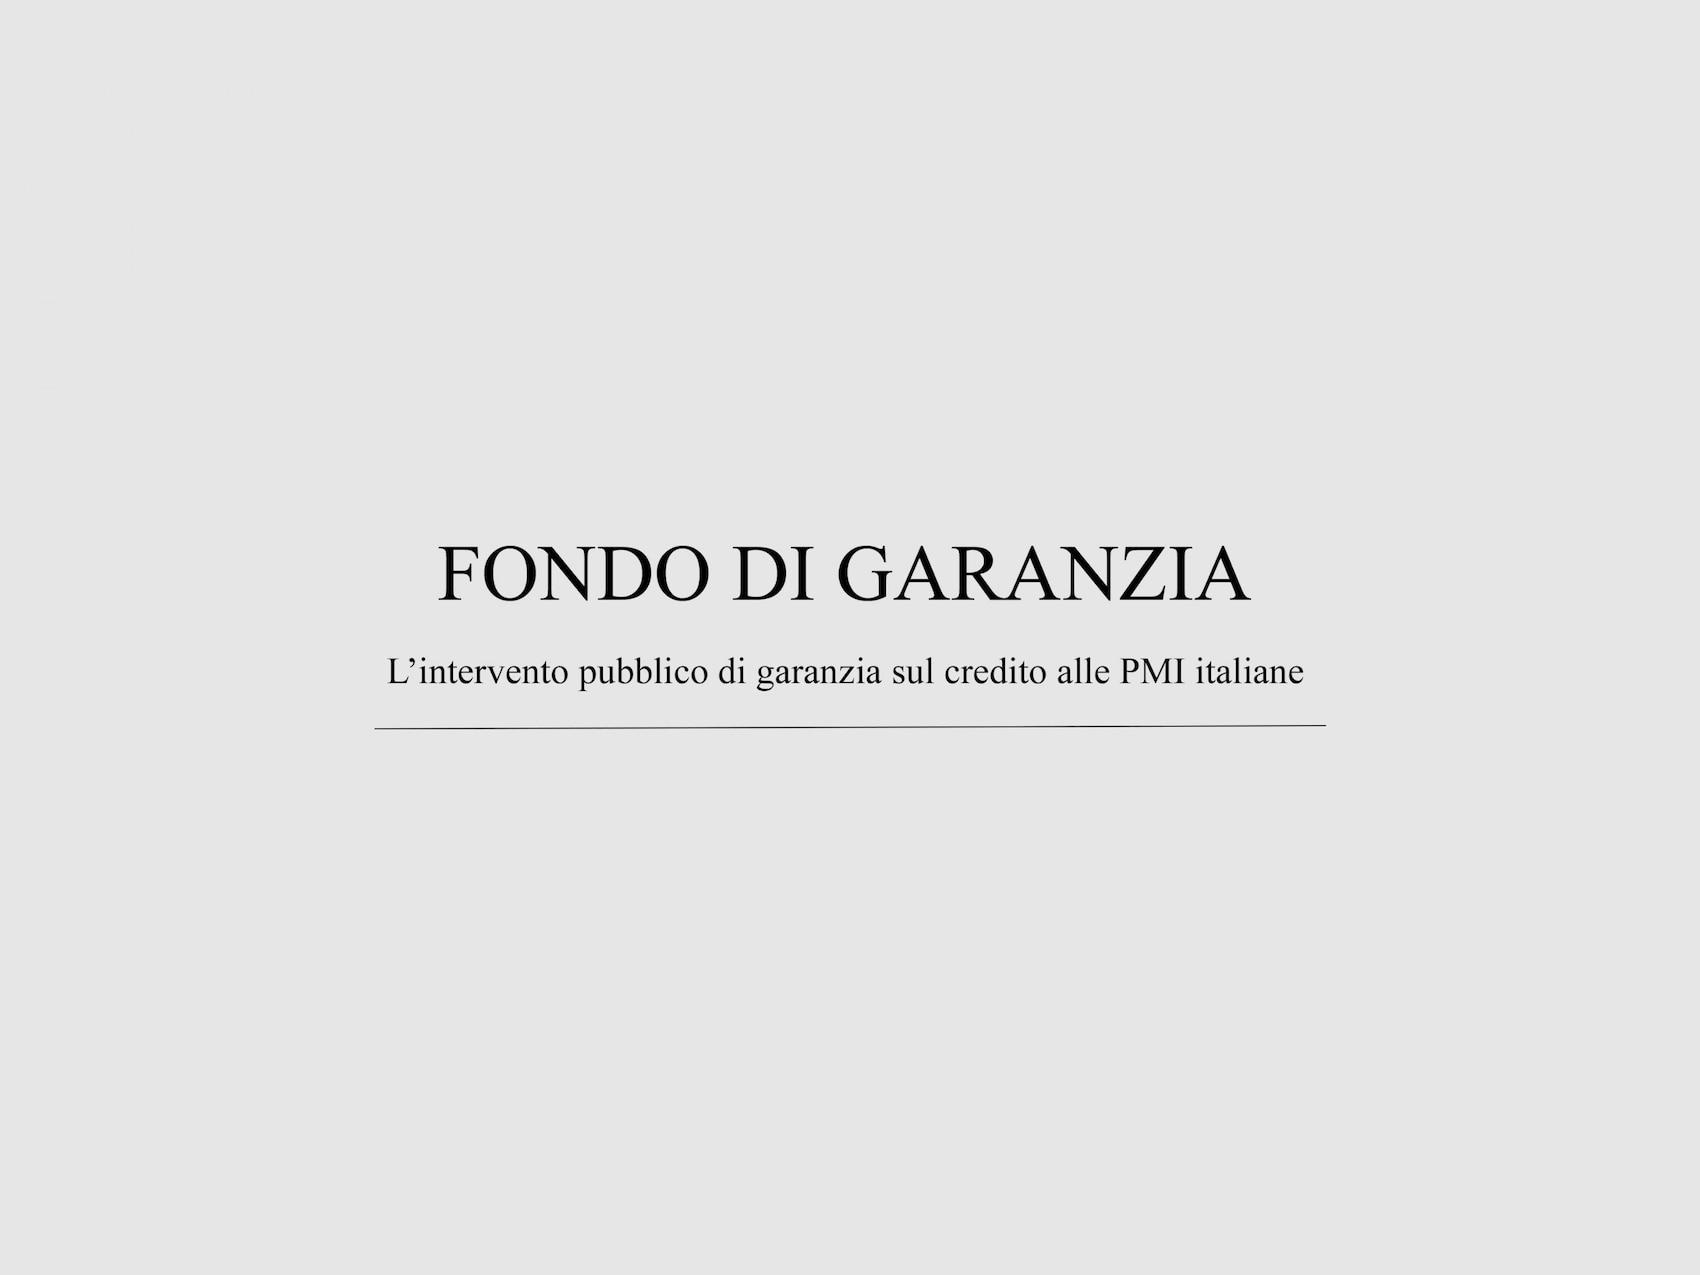 Mercedes-Benz Financial Services fondo di garanzia